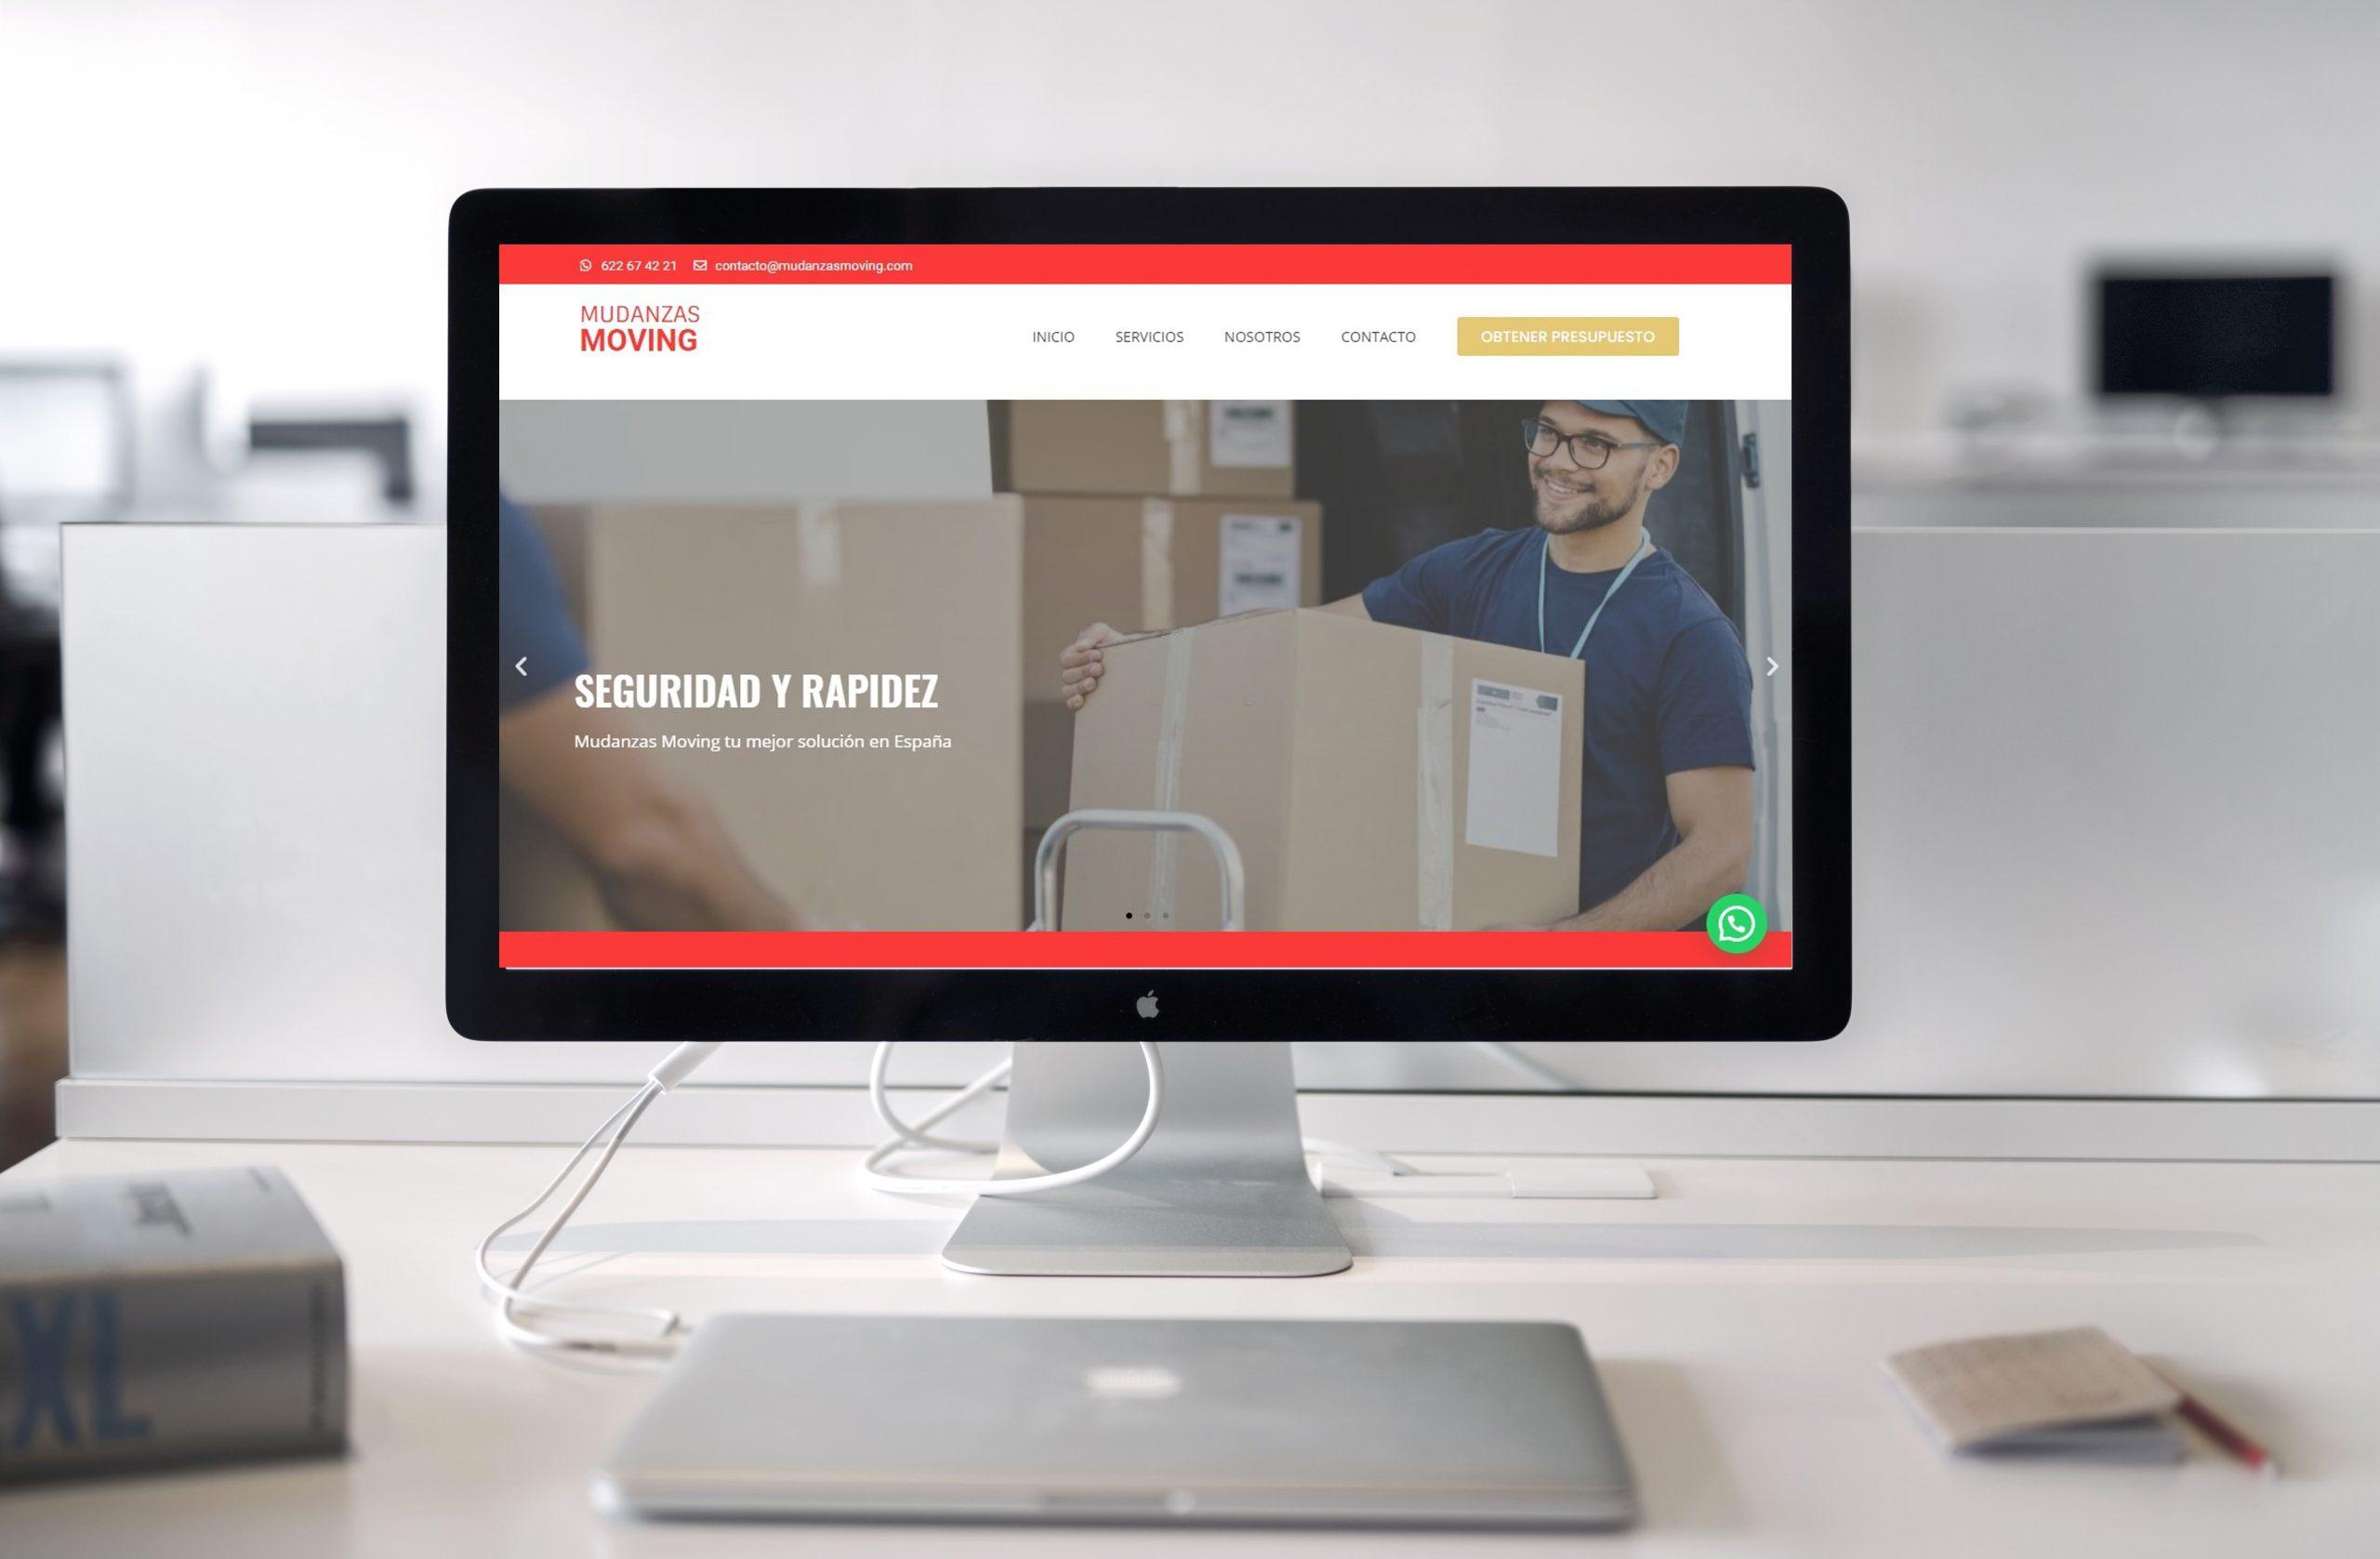 Soporte Website diseñamos y desarrollamos tu web 100 personalizada - Diseño de Mudanzas Moving - Mudanzas en Barcelona - Madrid 1